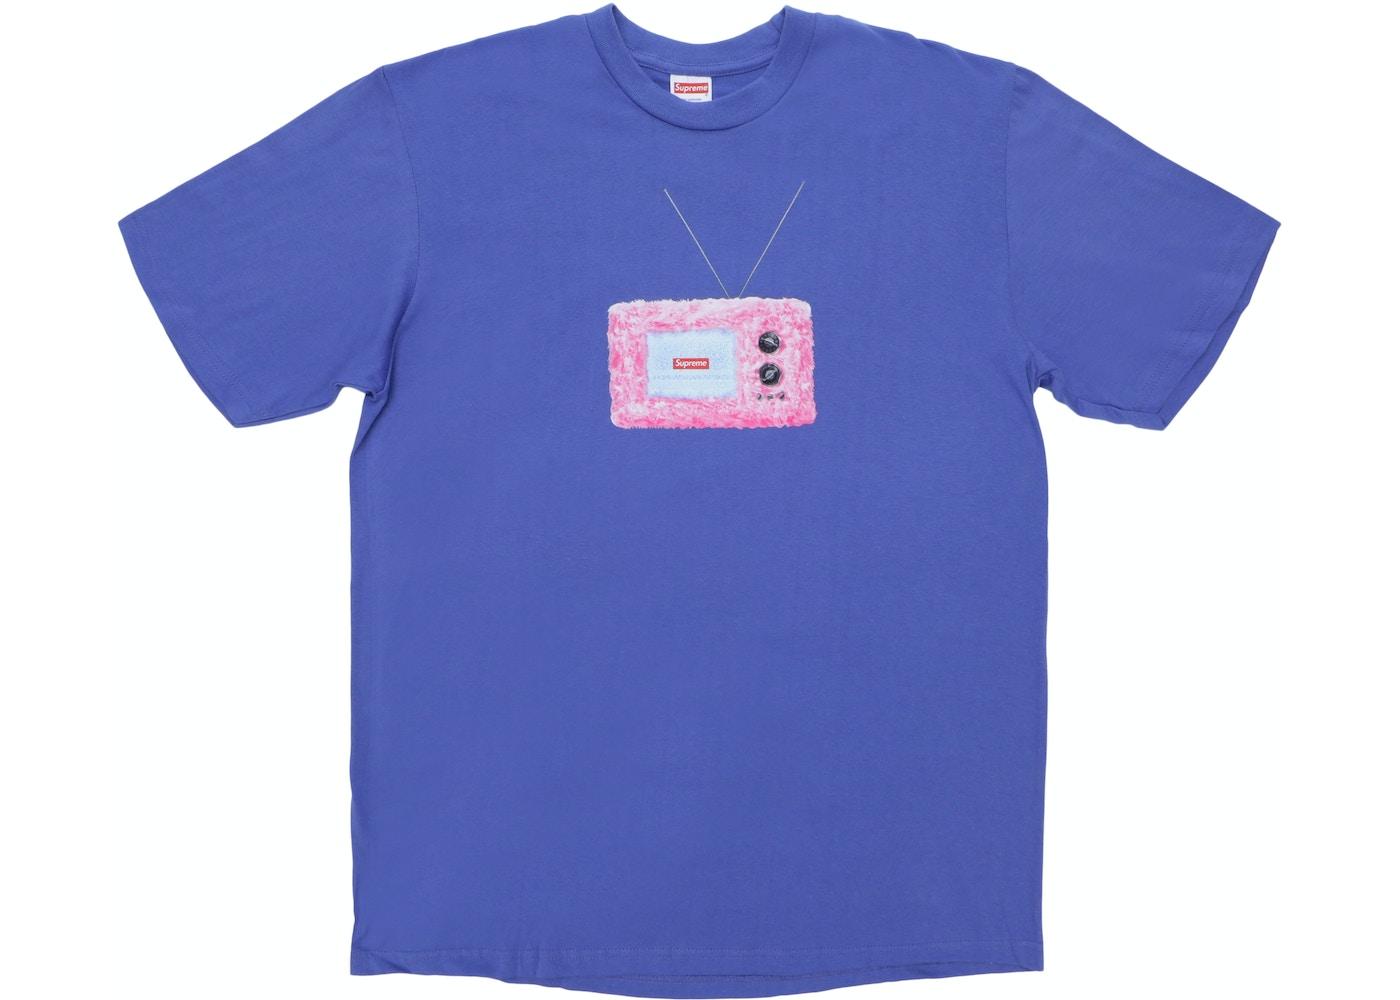 ec443ea9a0c7 Streetwear - Supreme T-Shirts - Price Premium